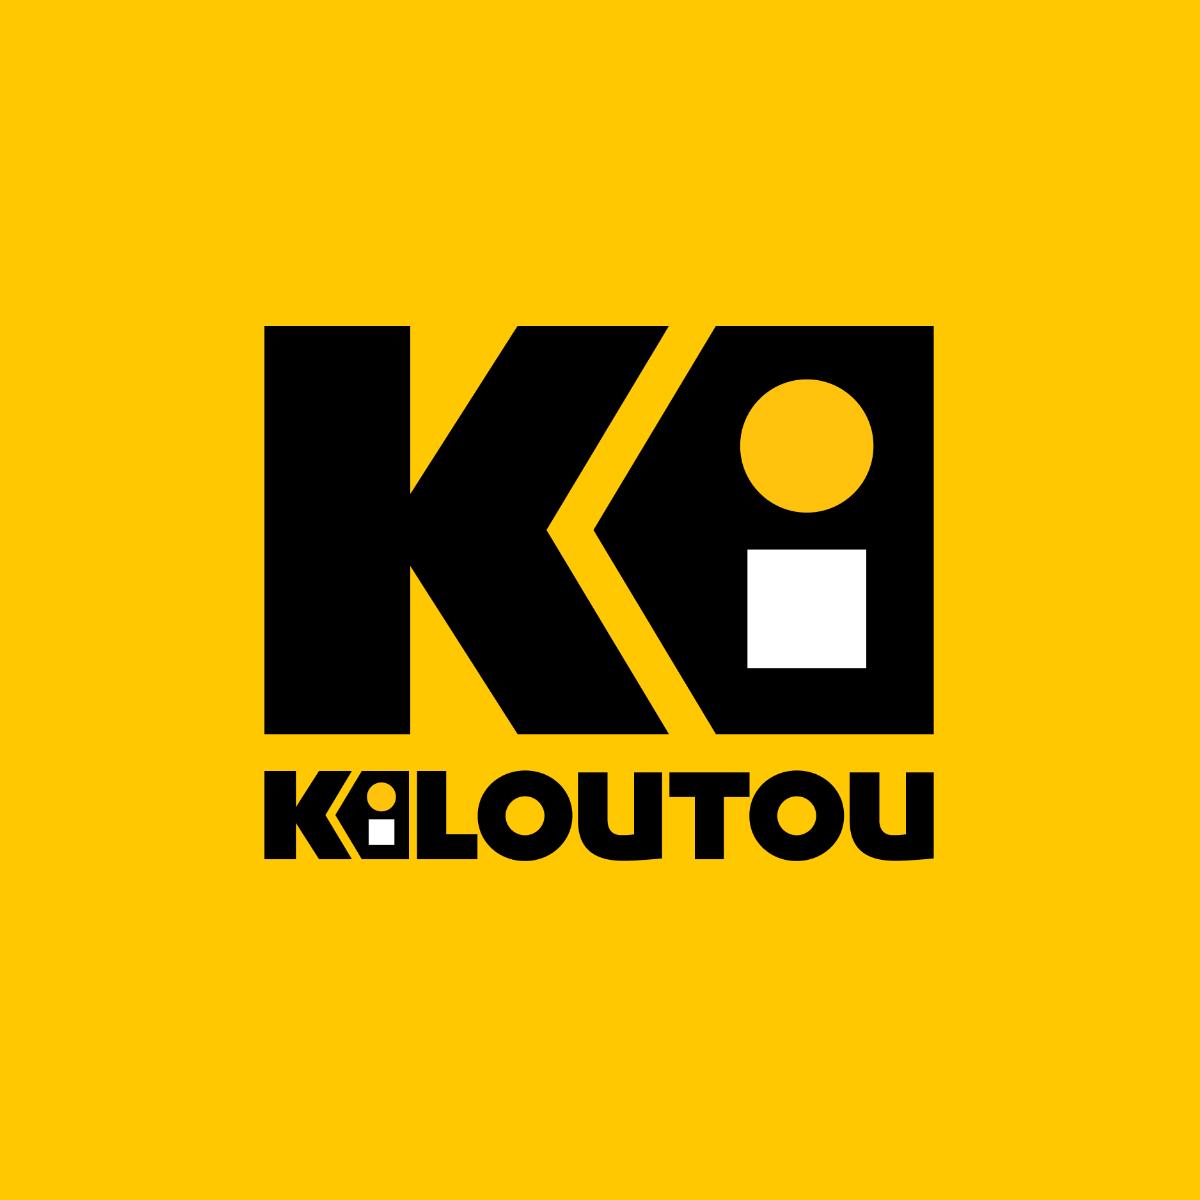 Kiloutou TP Bayonne location de matériel industriel